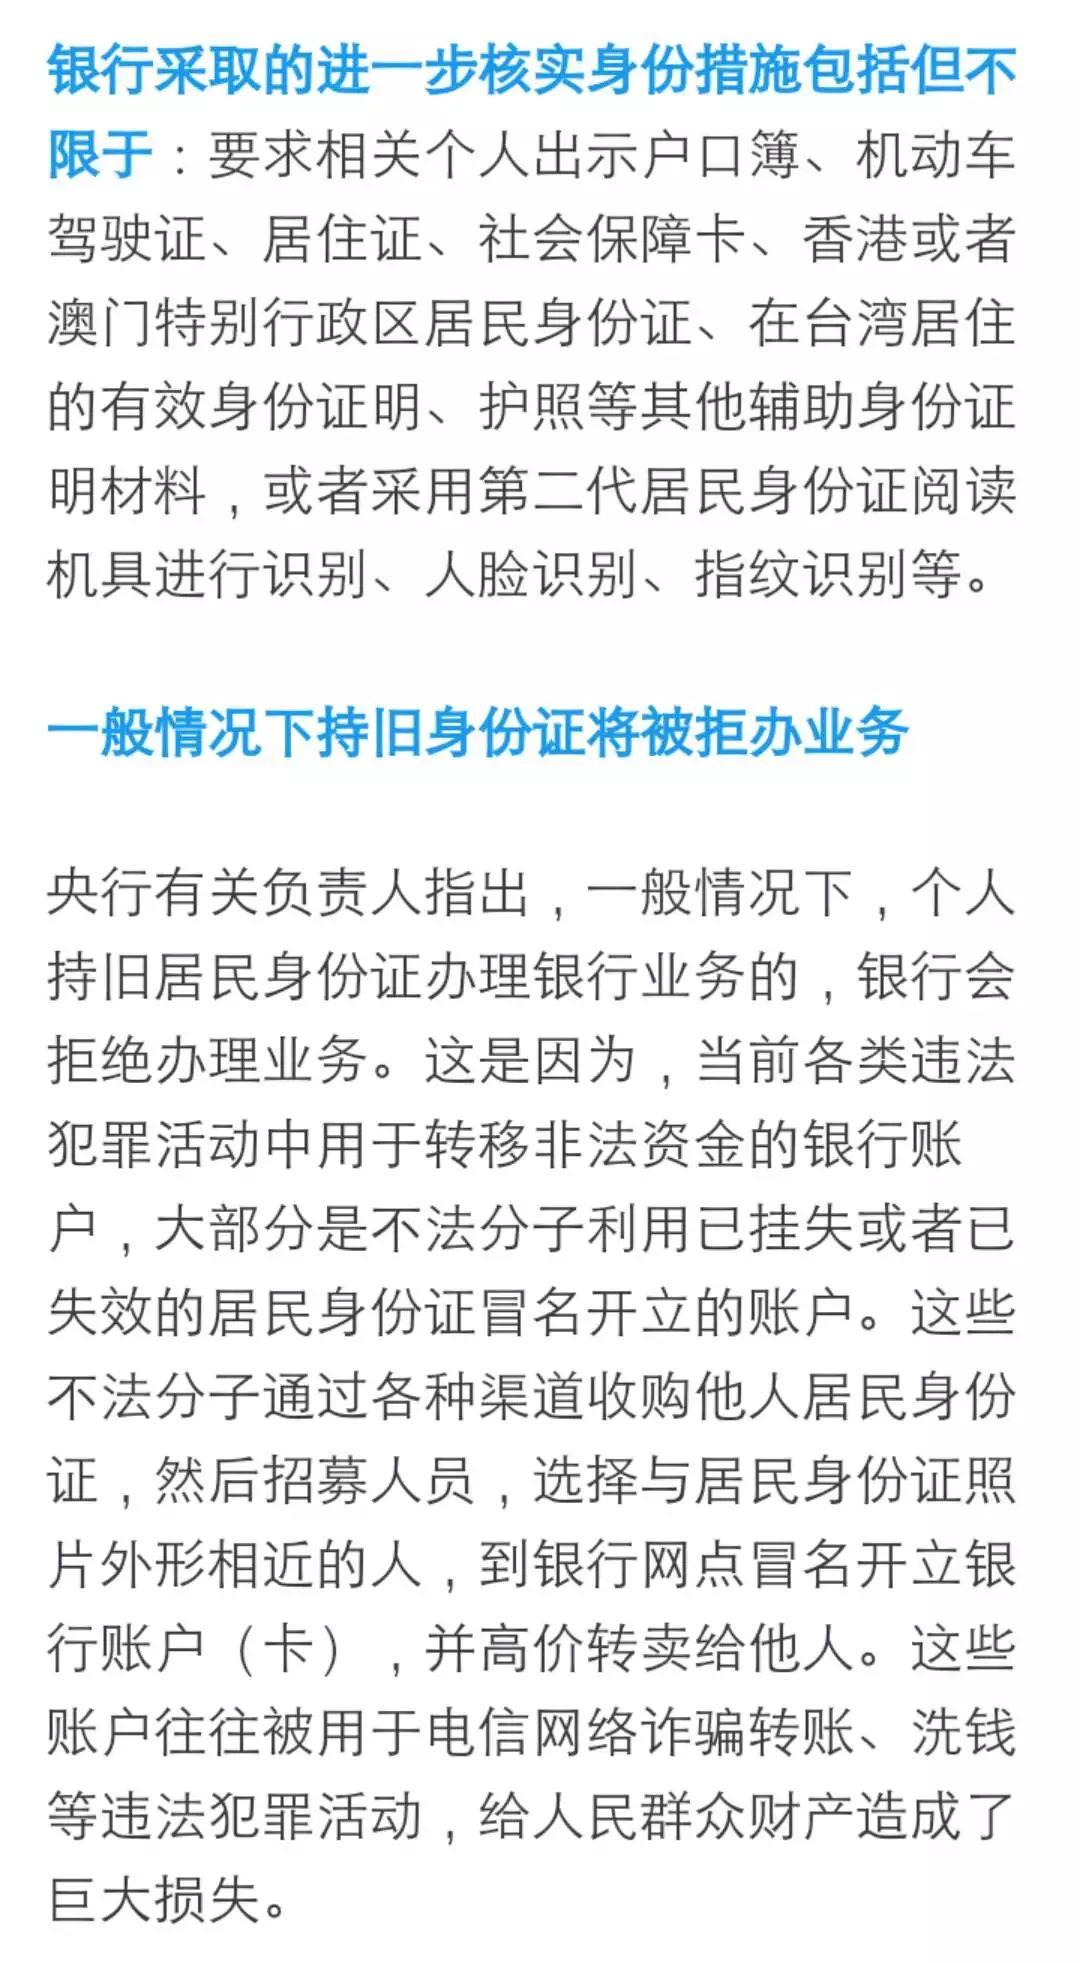 中国身份证新规:全面核查失效居民和非居民的身份证件信息